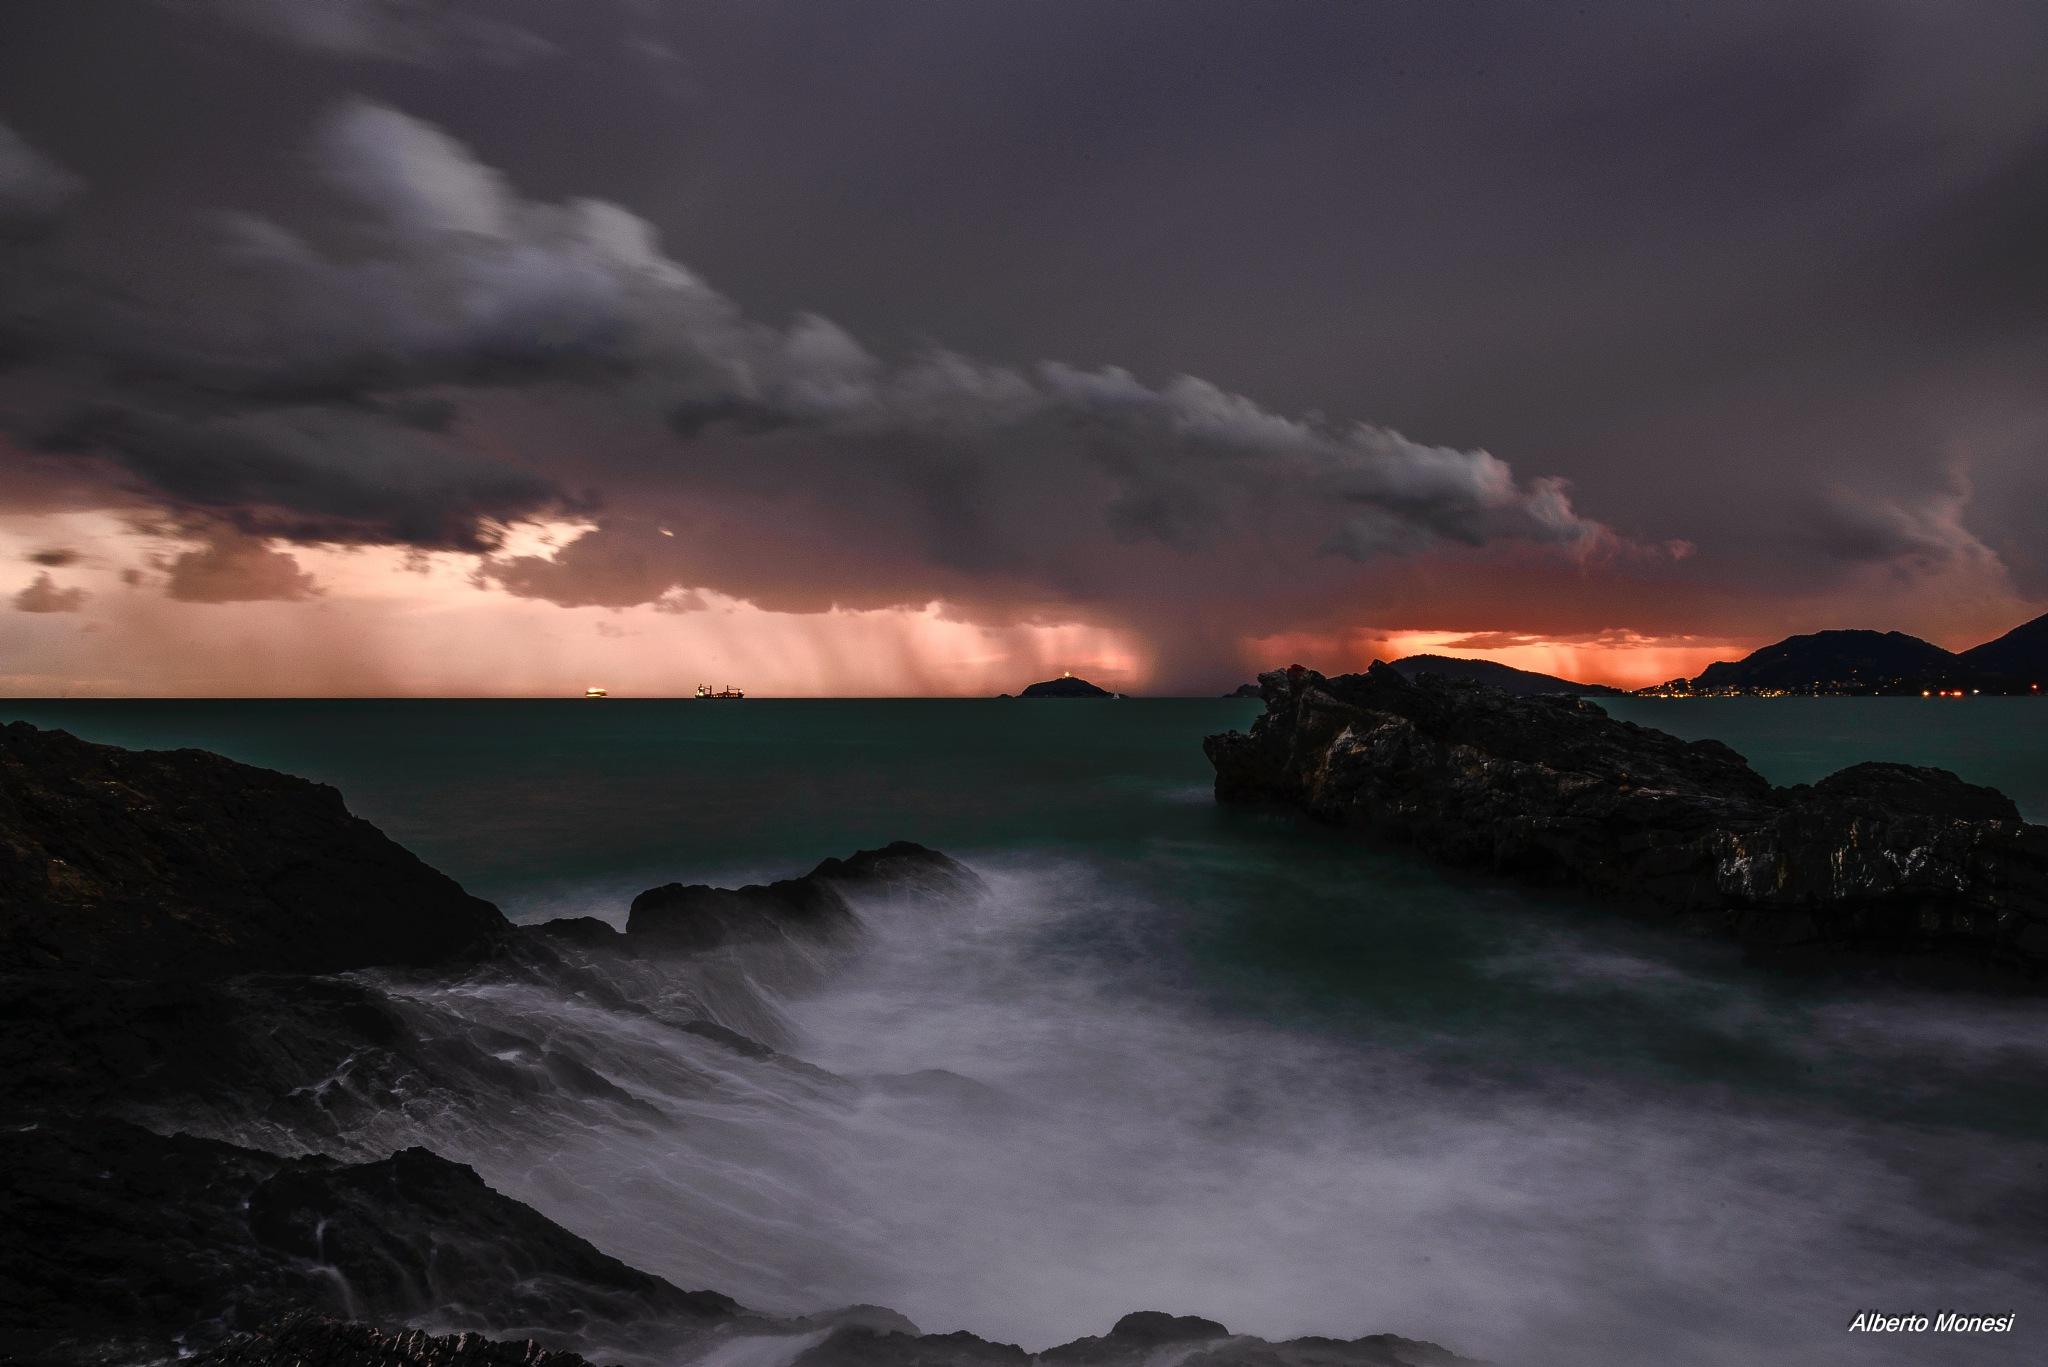 Si avvicina il temporale by Alberto Monesi